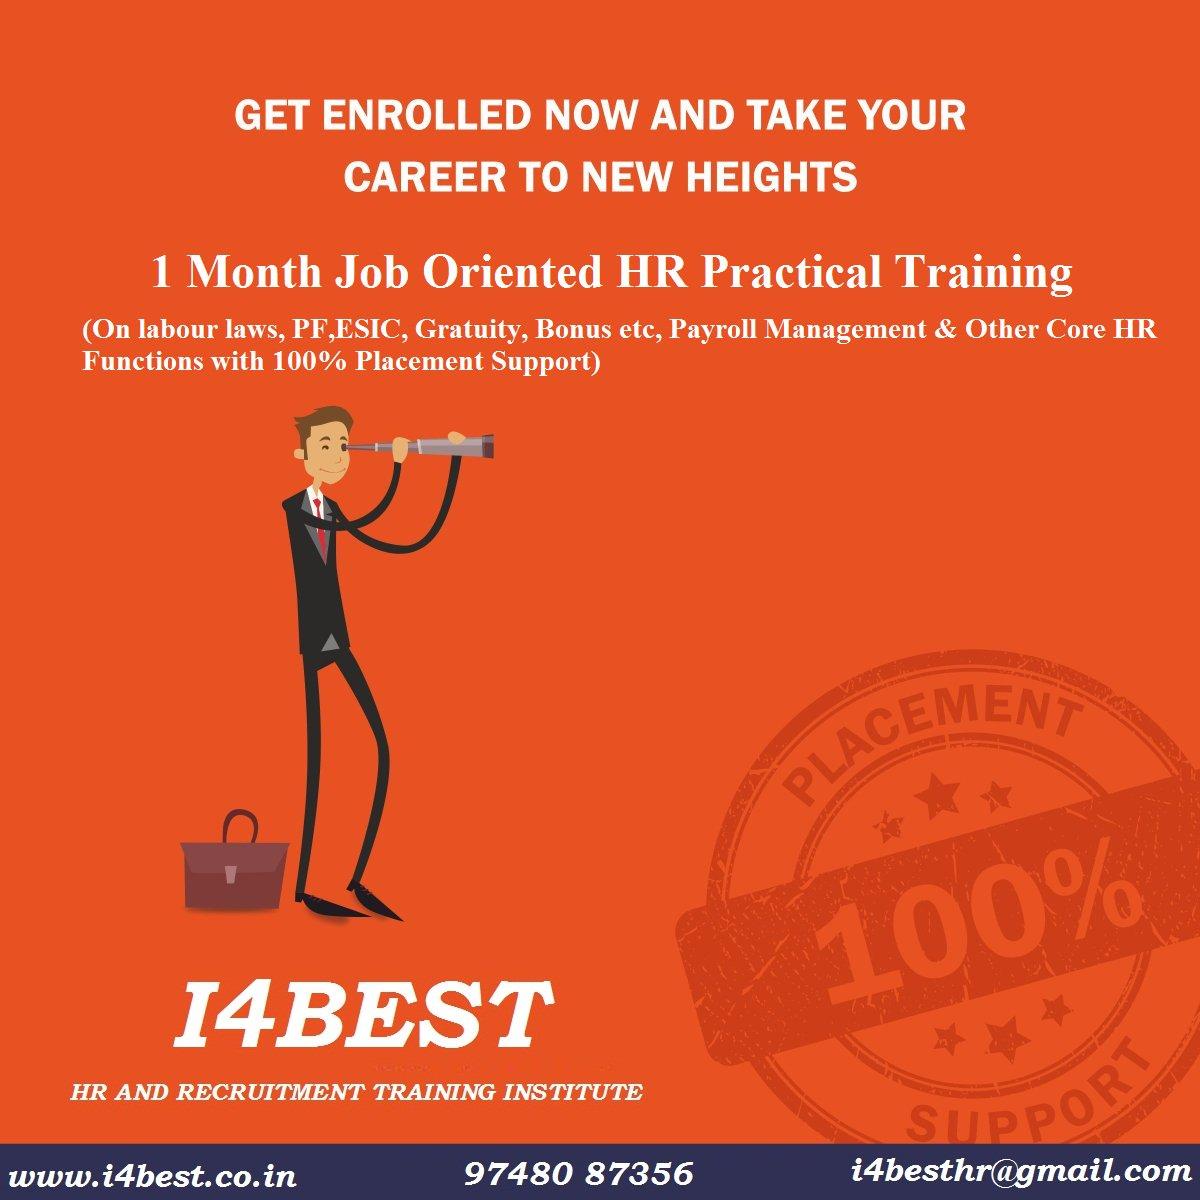 i4Best HR Training (@i4best) | Twitter